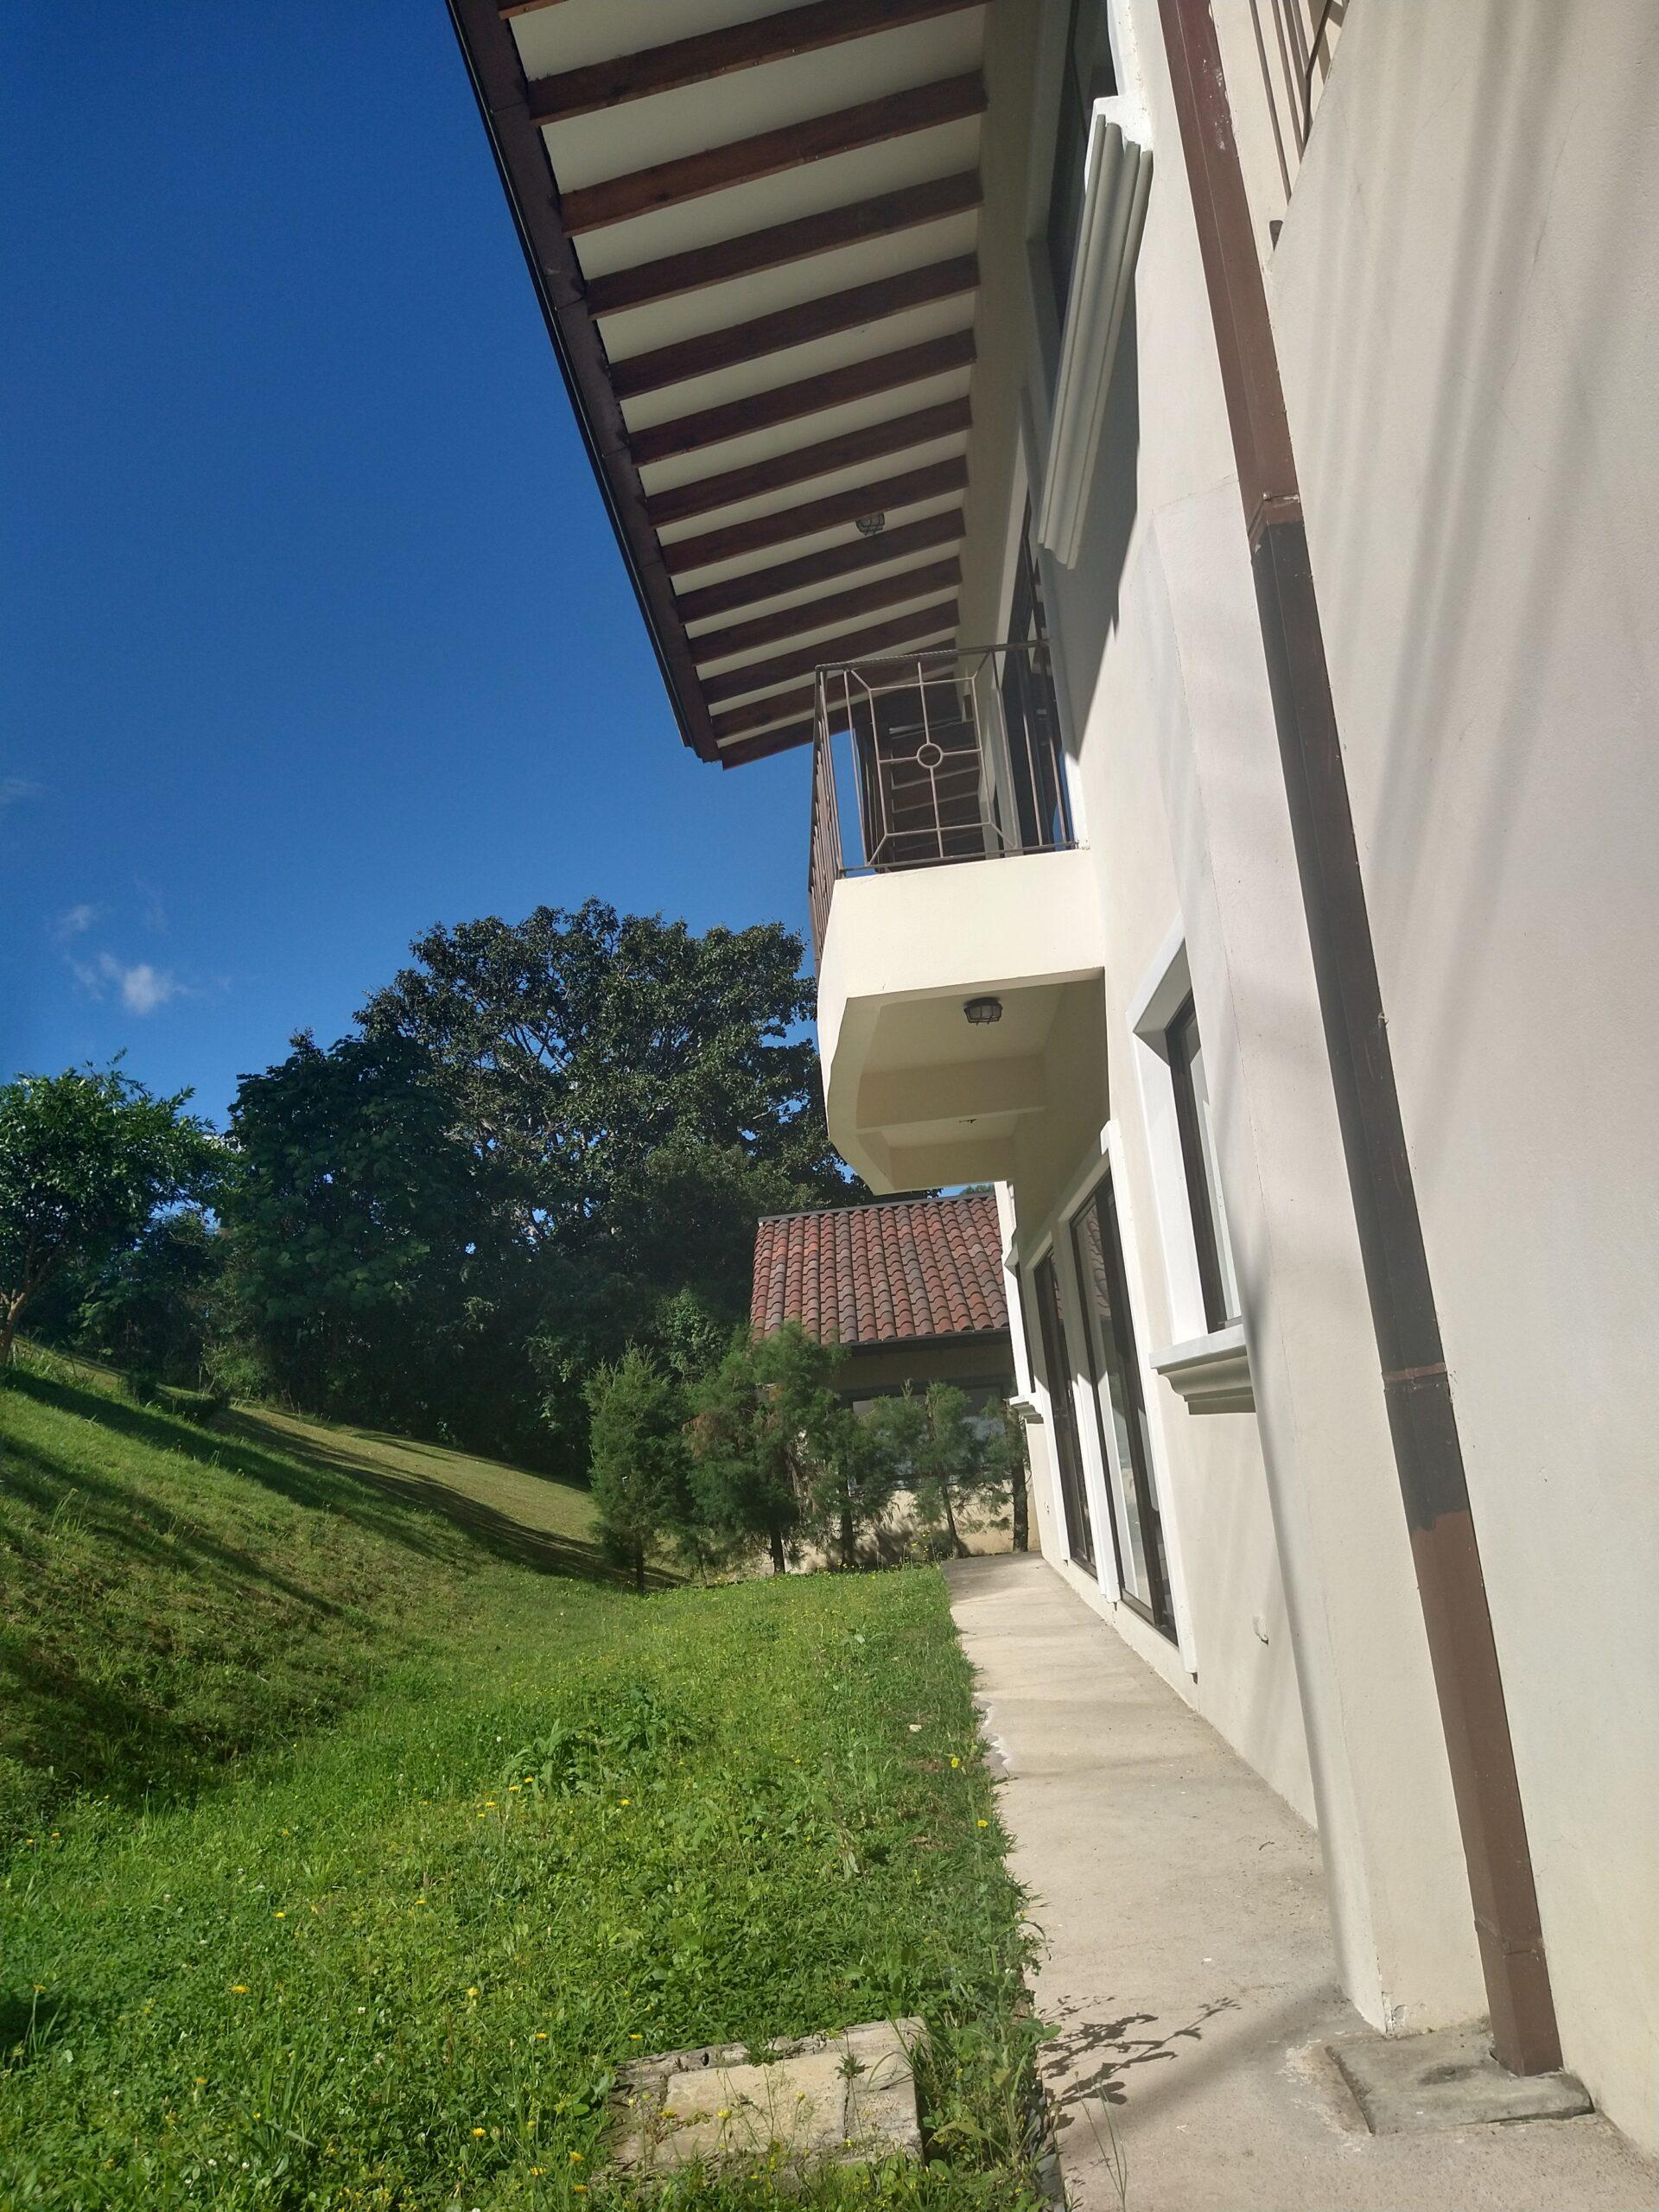 Casa en residencial seguro vive en pura naturaleza (10 min de plaza del sol)